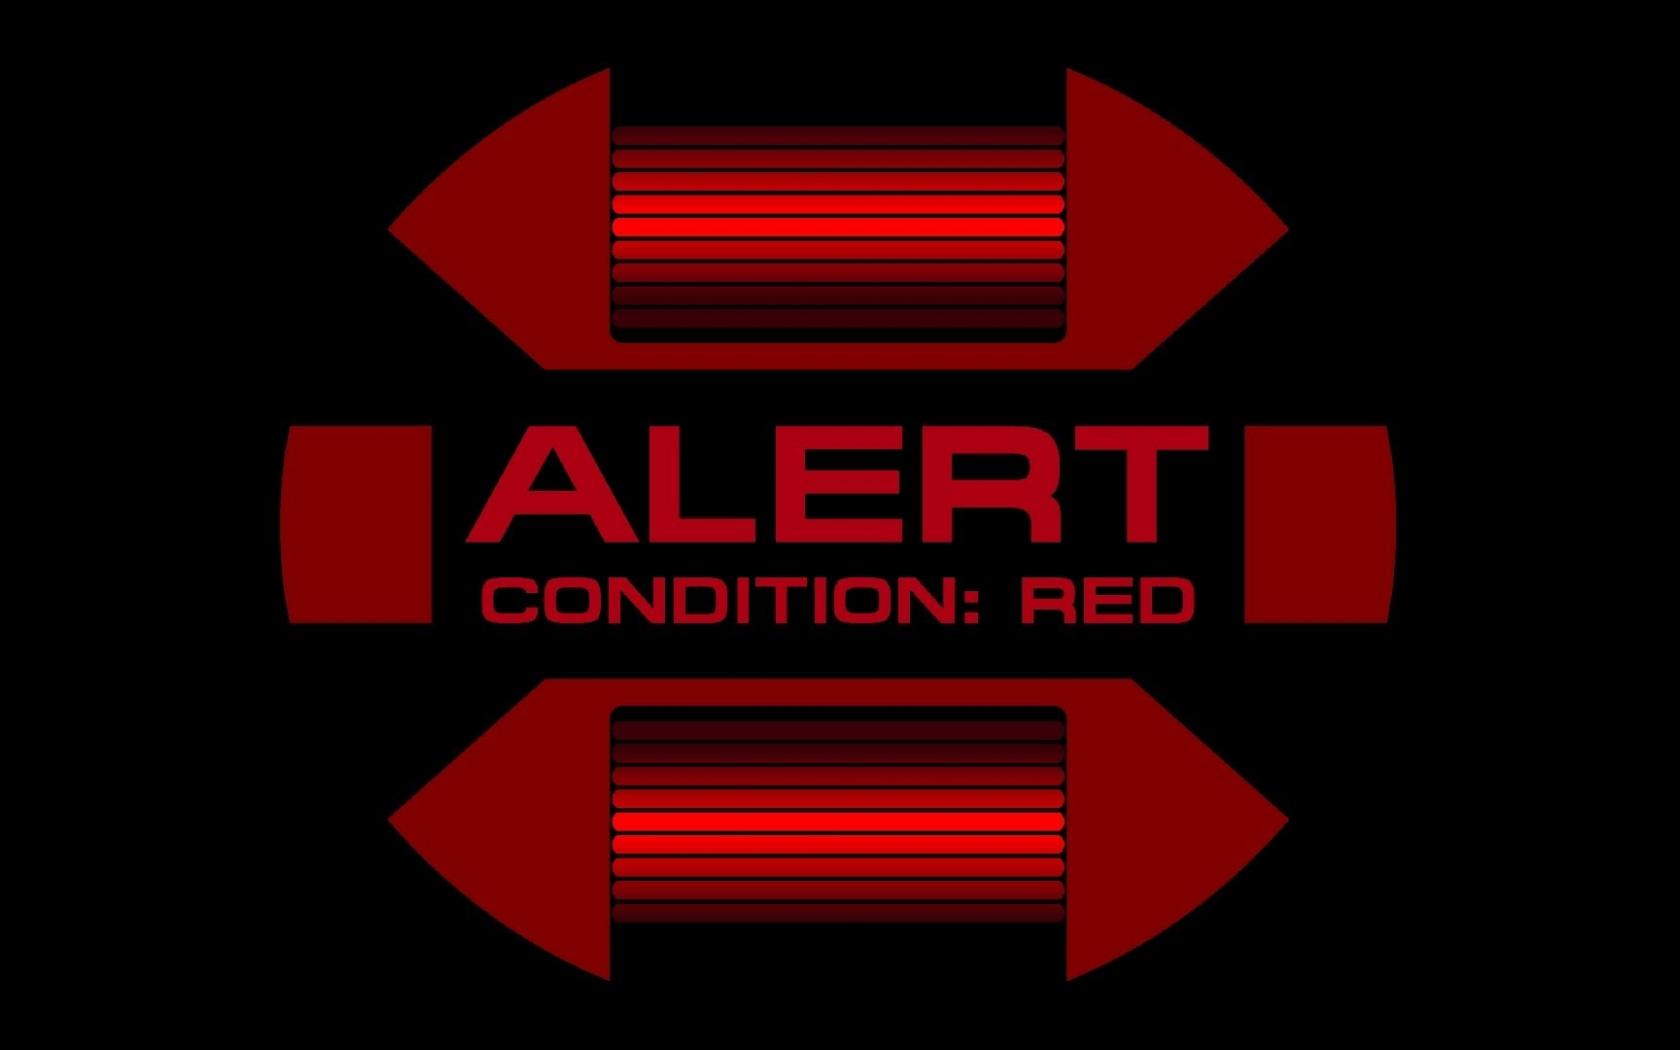 Free Download Star Trek Red Alert Best Ever Version 1920x1080 For Your Desktop Mobile Tablet Explore 50 Animated Lcars Wallpaper Star Trek Lcars Wallpaper Lcars Phone Wallpaper Lcars Wallpaper Download